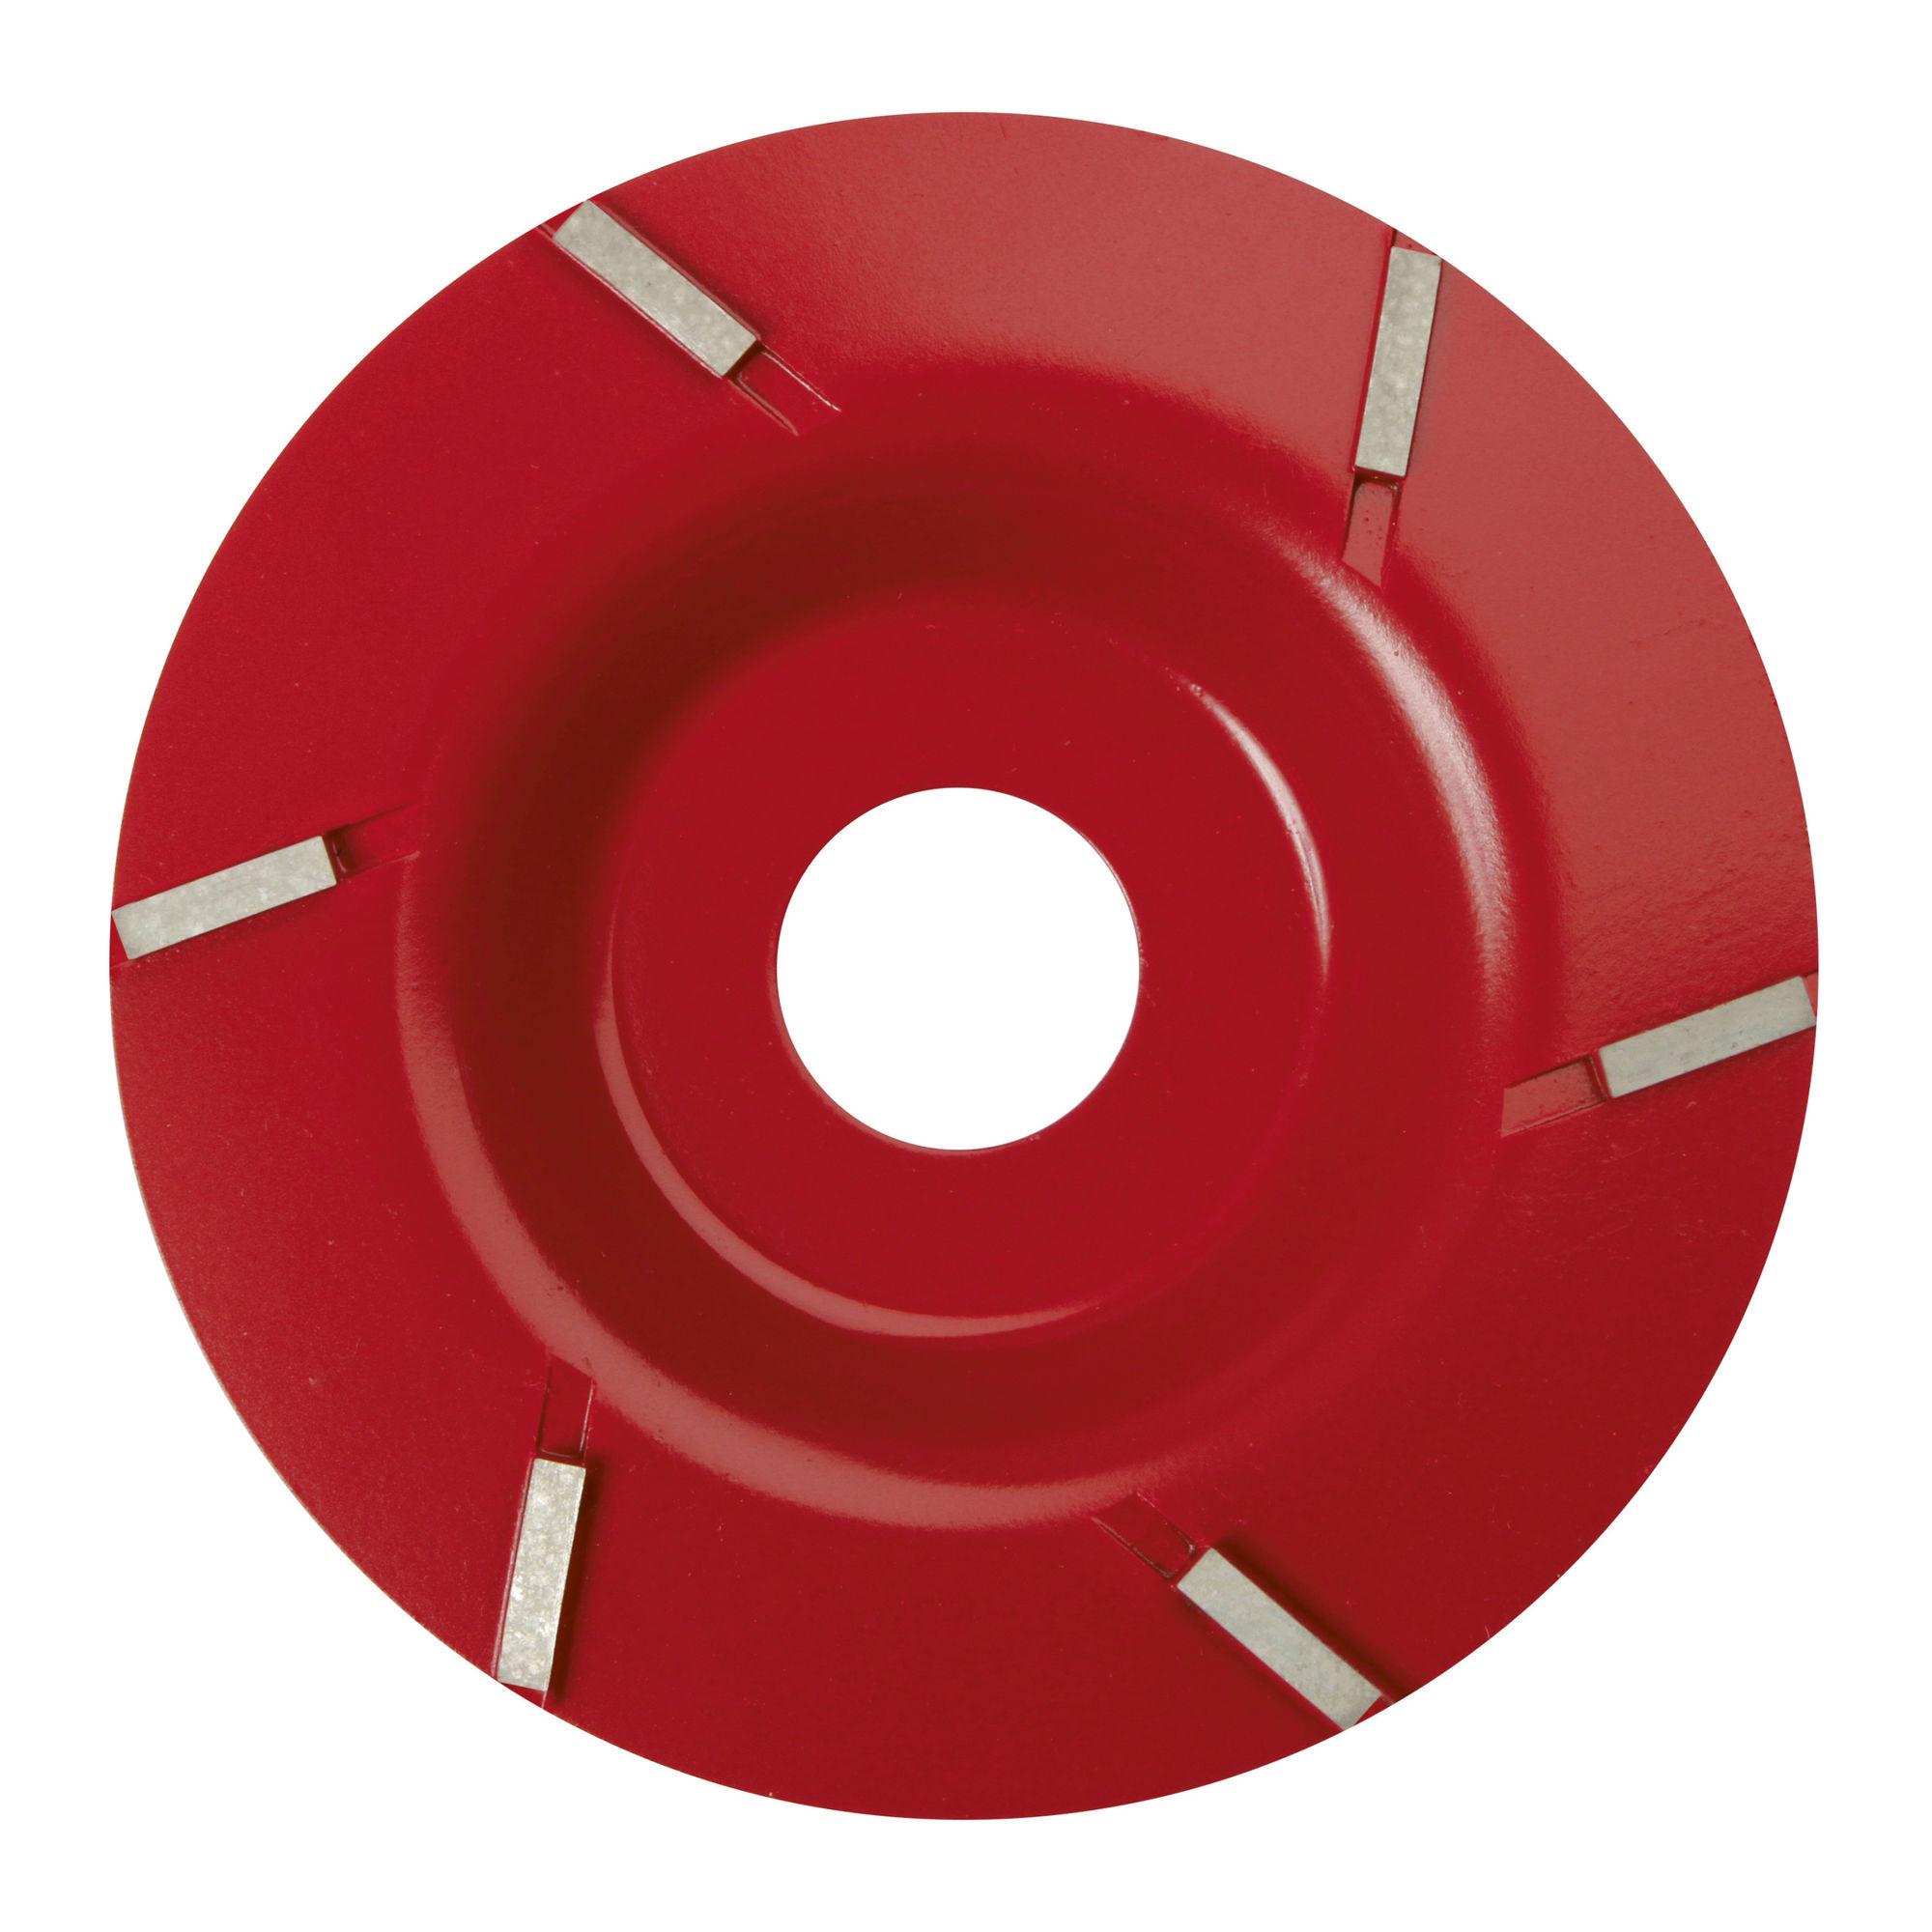 Klauenschneidscheibe P6 105 mm, 6 Schneiden